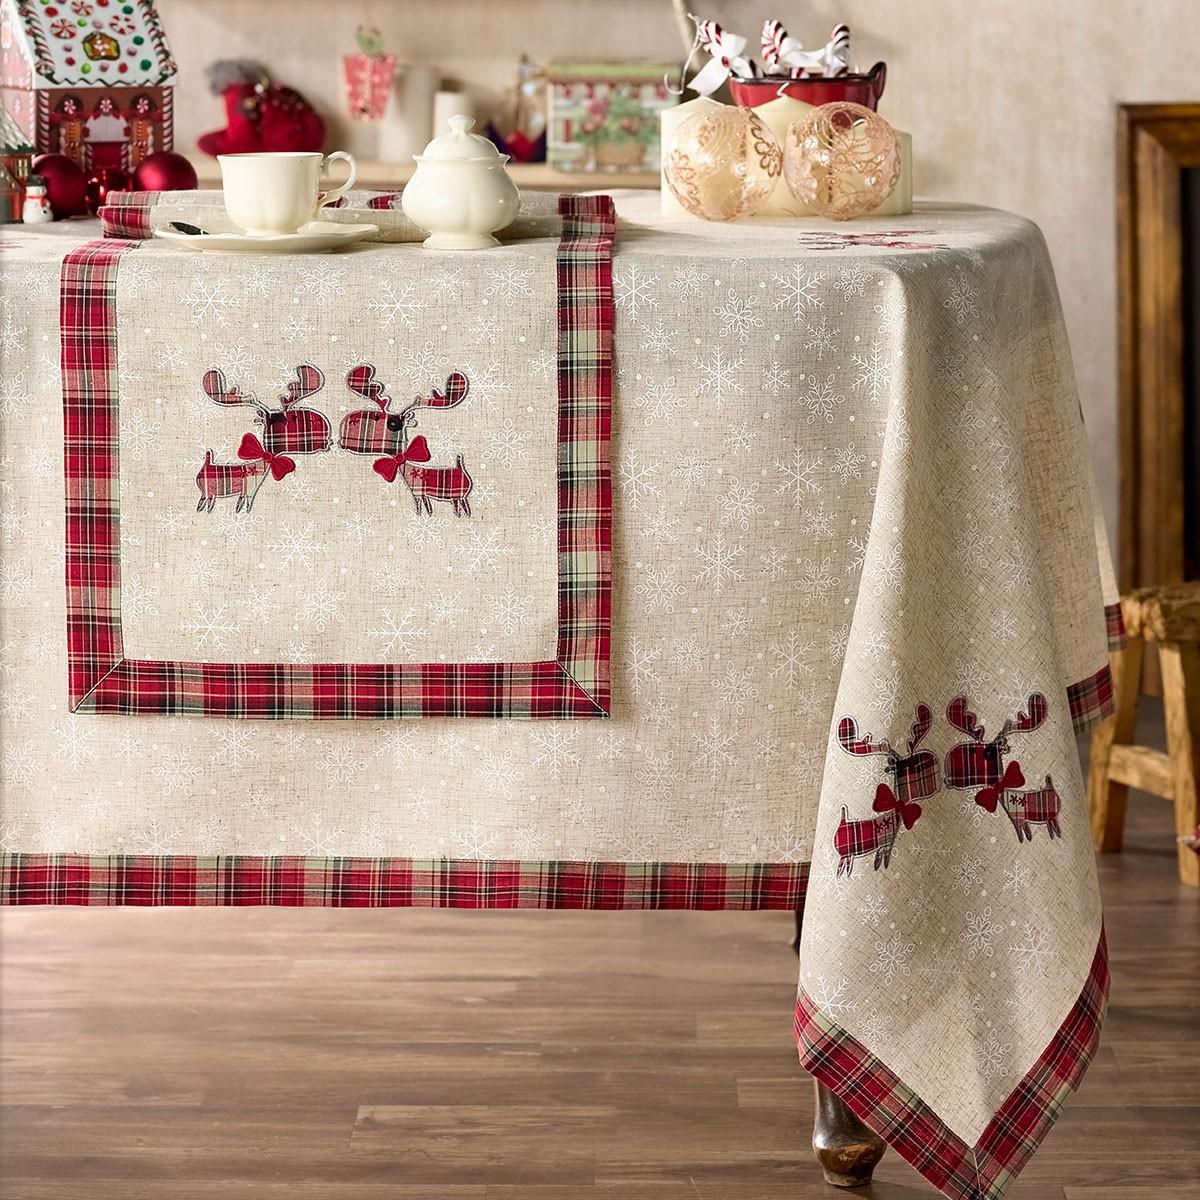 Χριστουγεννιάτικο Τραπεζομάντηλο (145x220) Gofis Home 232